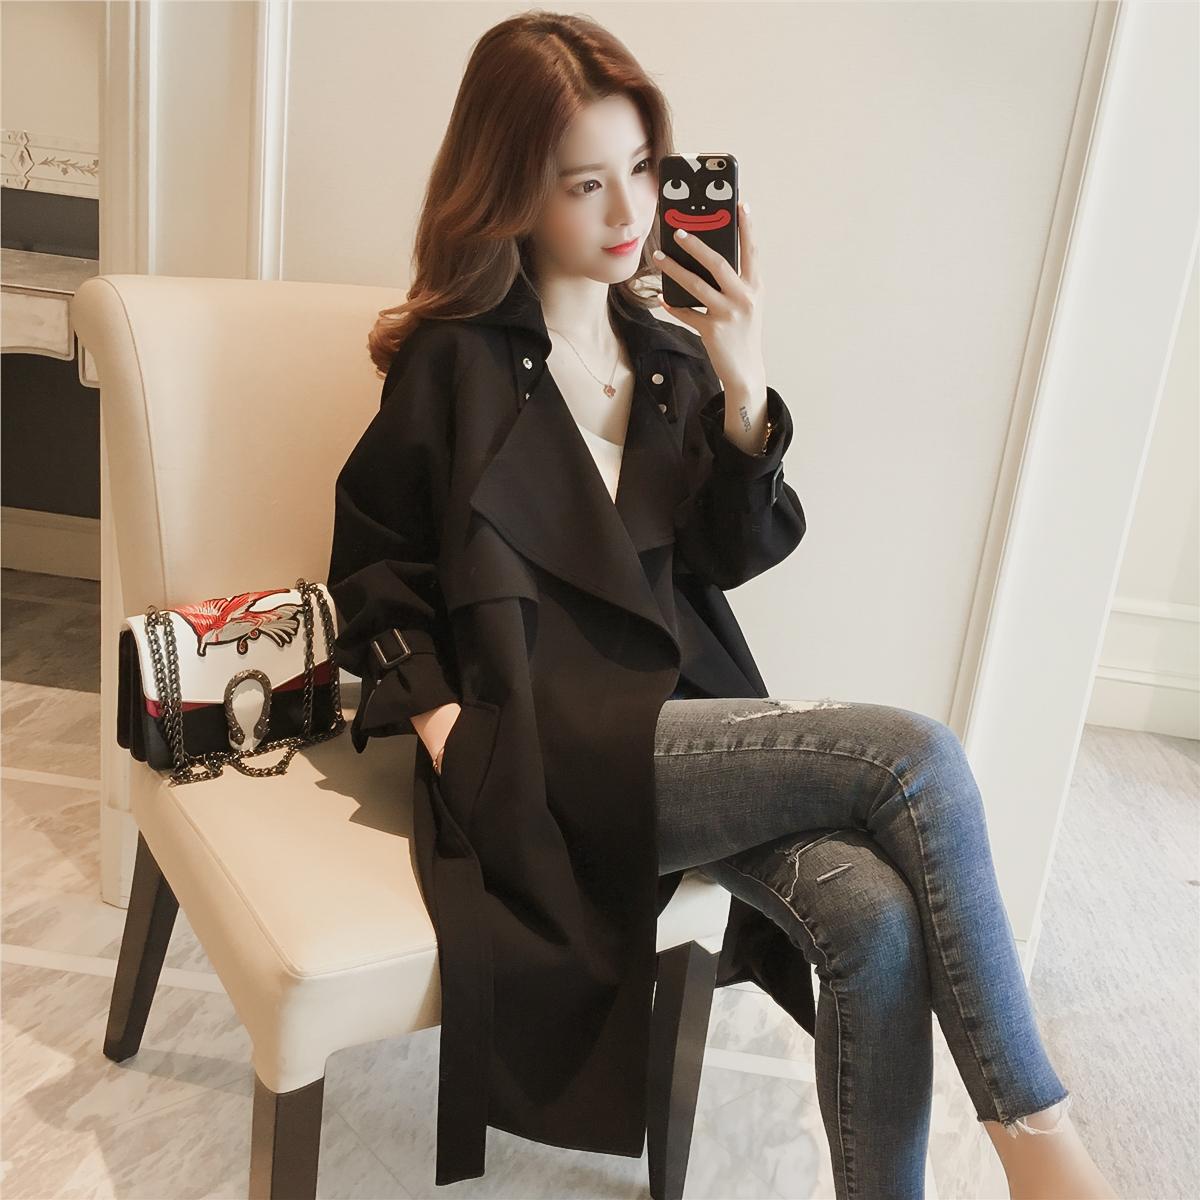 23区 2017秋季新款韩版气质中长款宽松大翻领黑色风衣女装长袖收腰外套